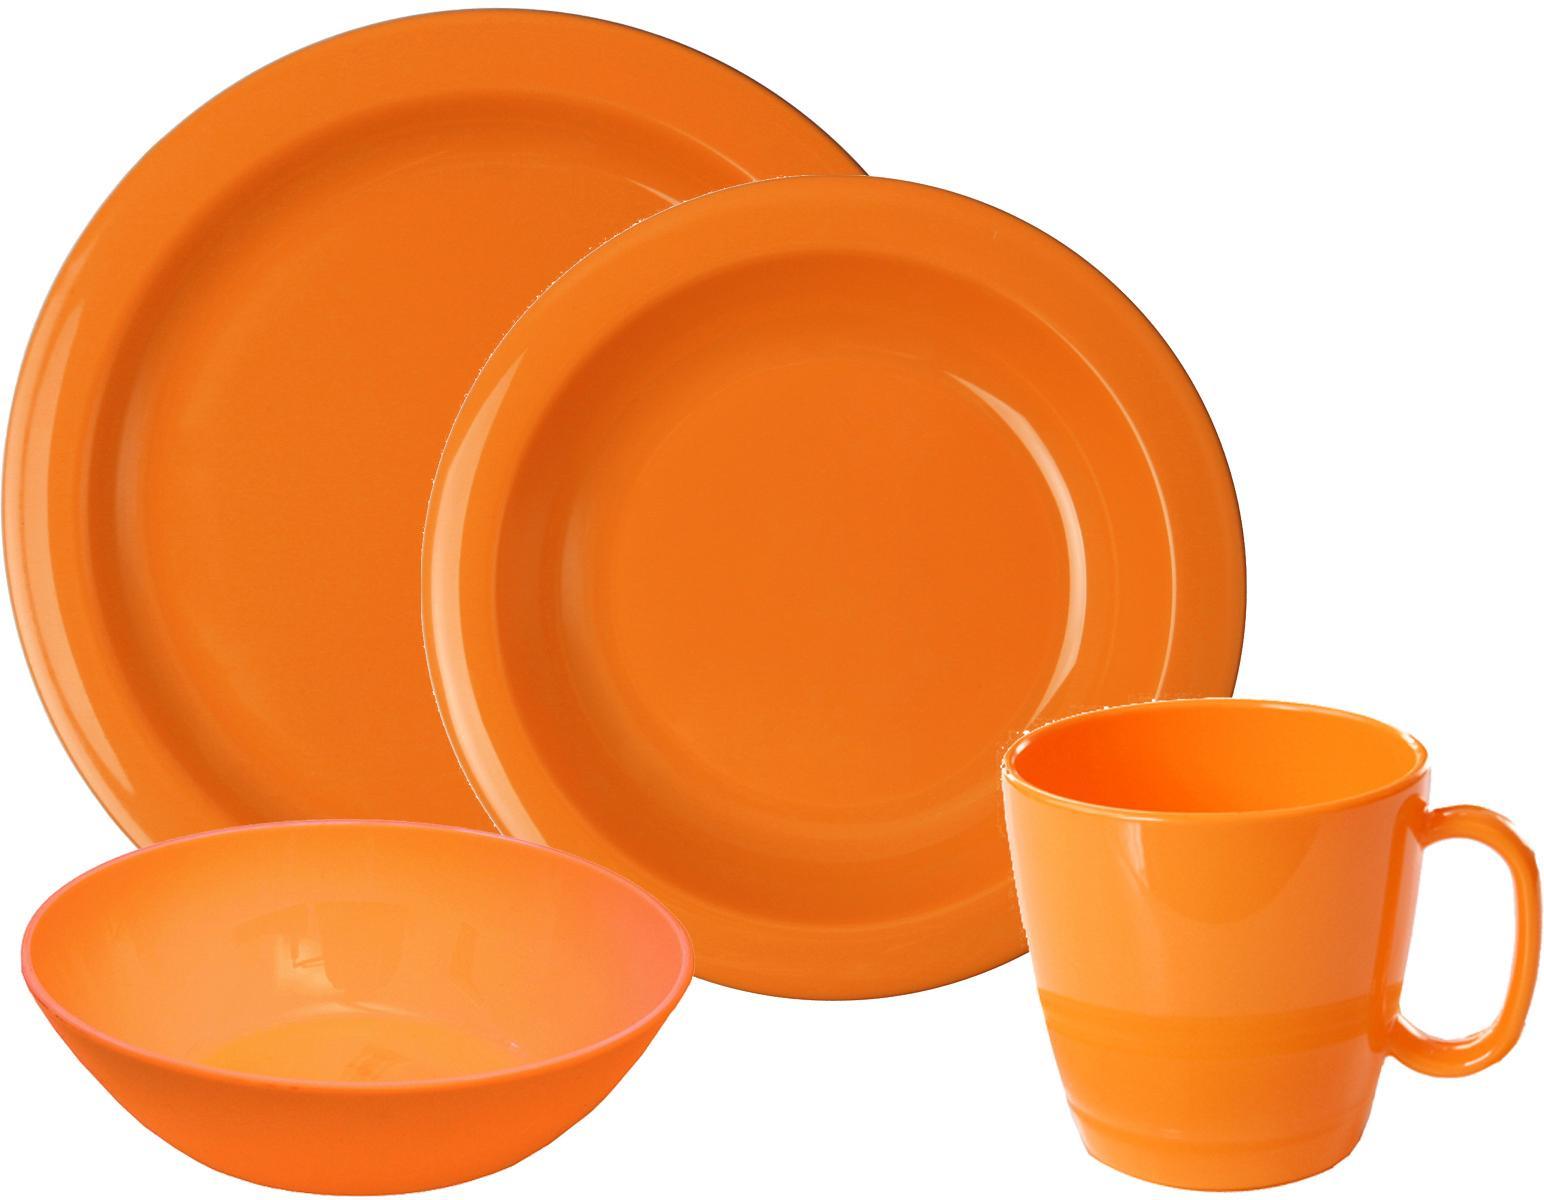 WACA Frühstücks-Geschirrset, (Set, 8 tlg.) orange Frühstücksset Eierbecher Geschirr, Porzellan Tischaccessoires Haushaltswaren Frühstücks-Geschirrset